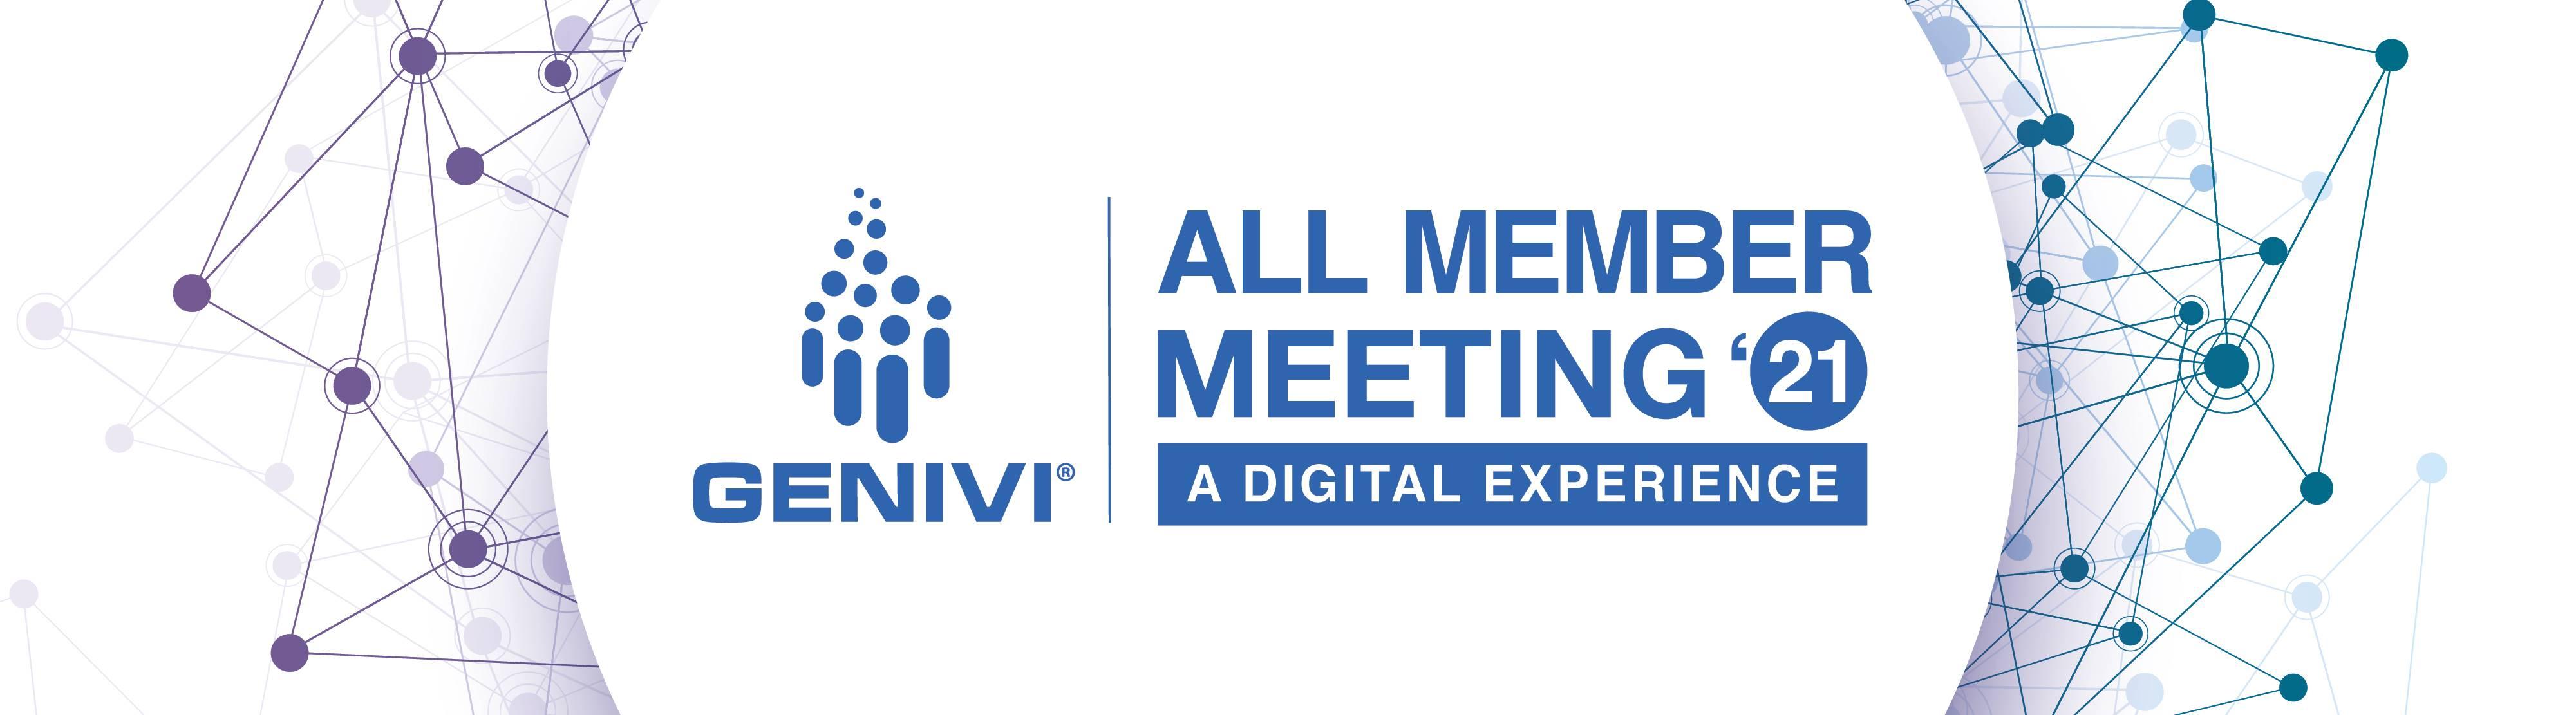 GENIVI Fall Virtual All Member Meeting